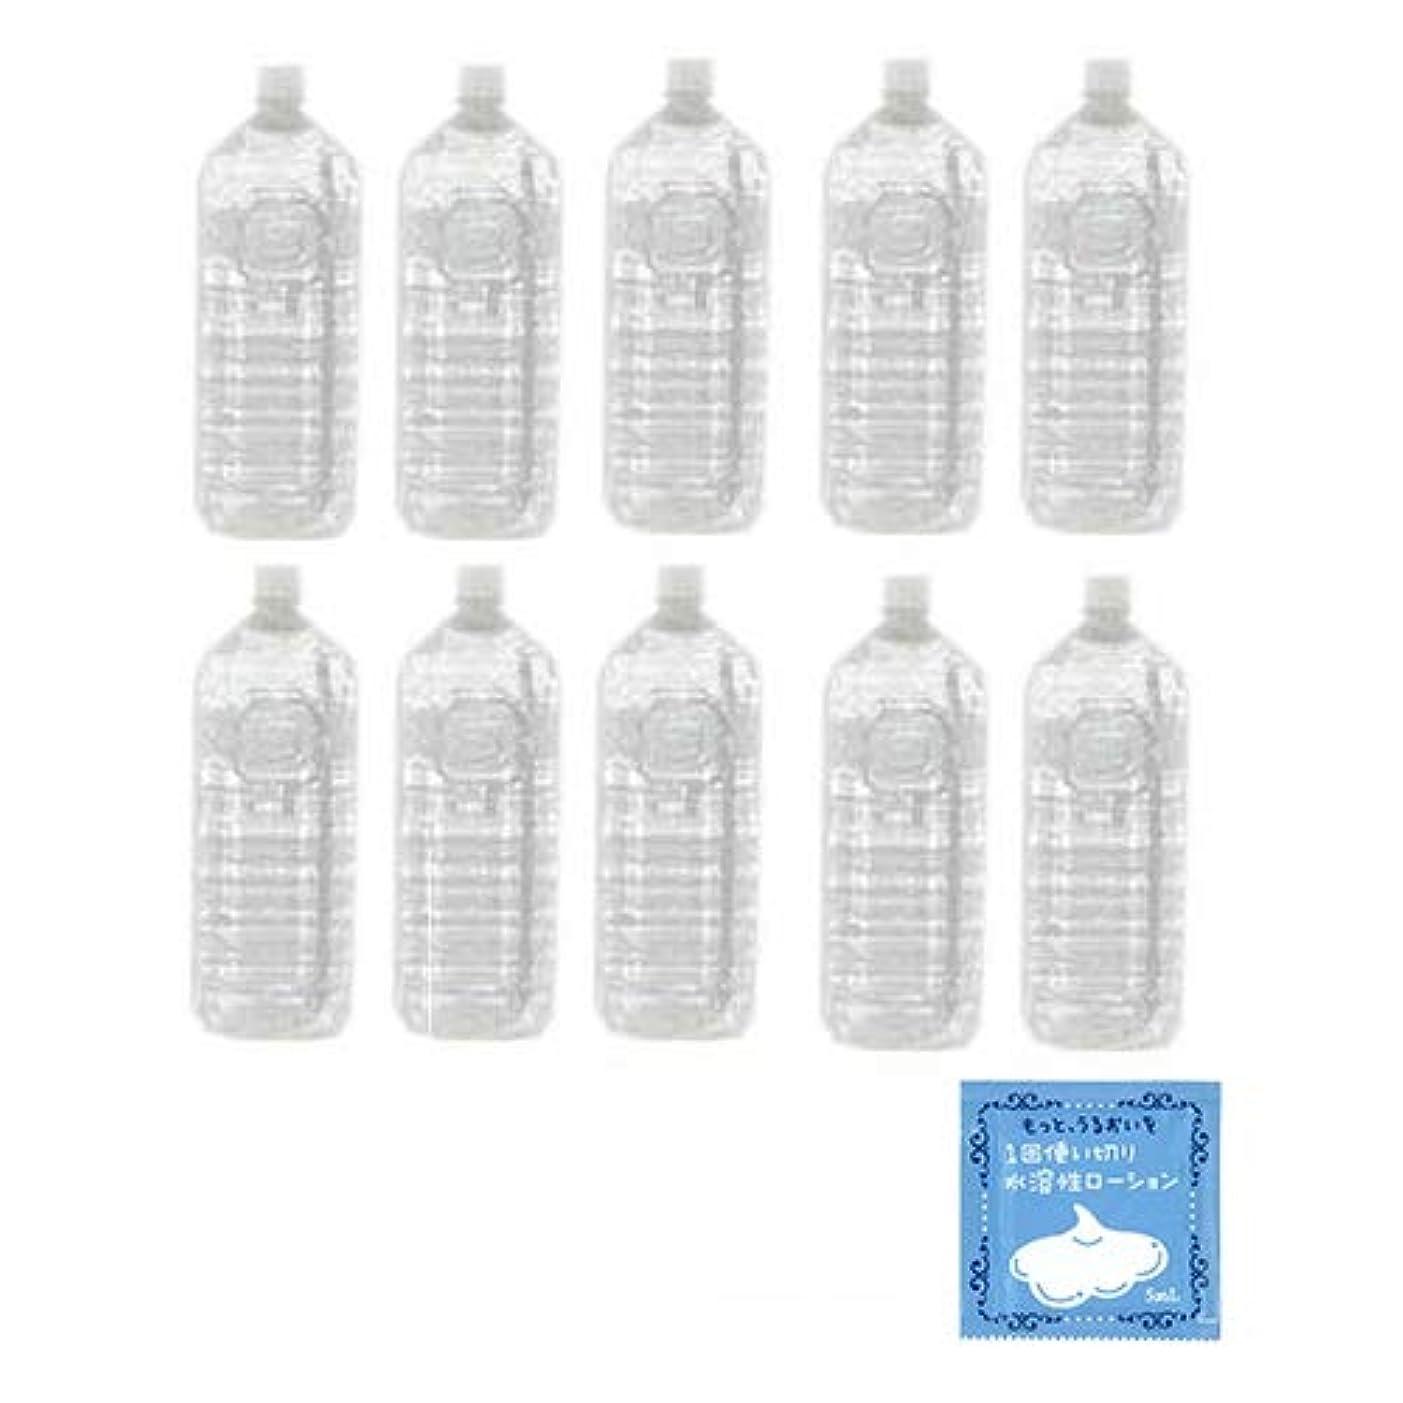 リンク制裁政治的クリアローション 2Lペットボトル ハードタイプ(5倍濃縮原液) × 10本セット+ 1回使い切り水溶性潤滑ローション